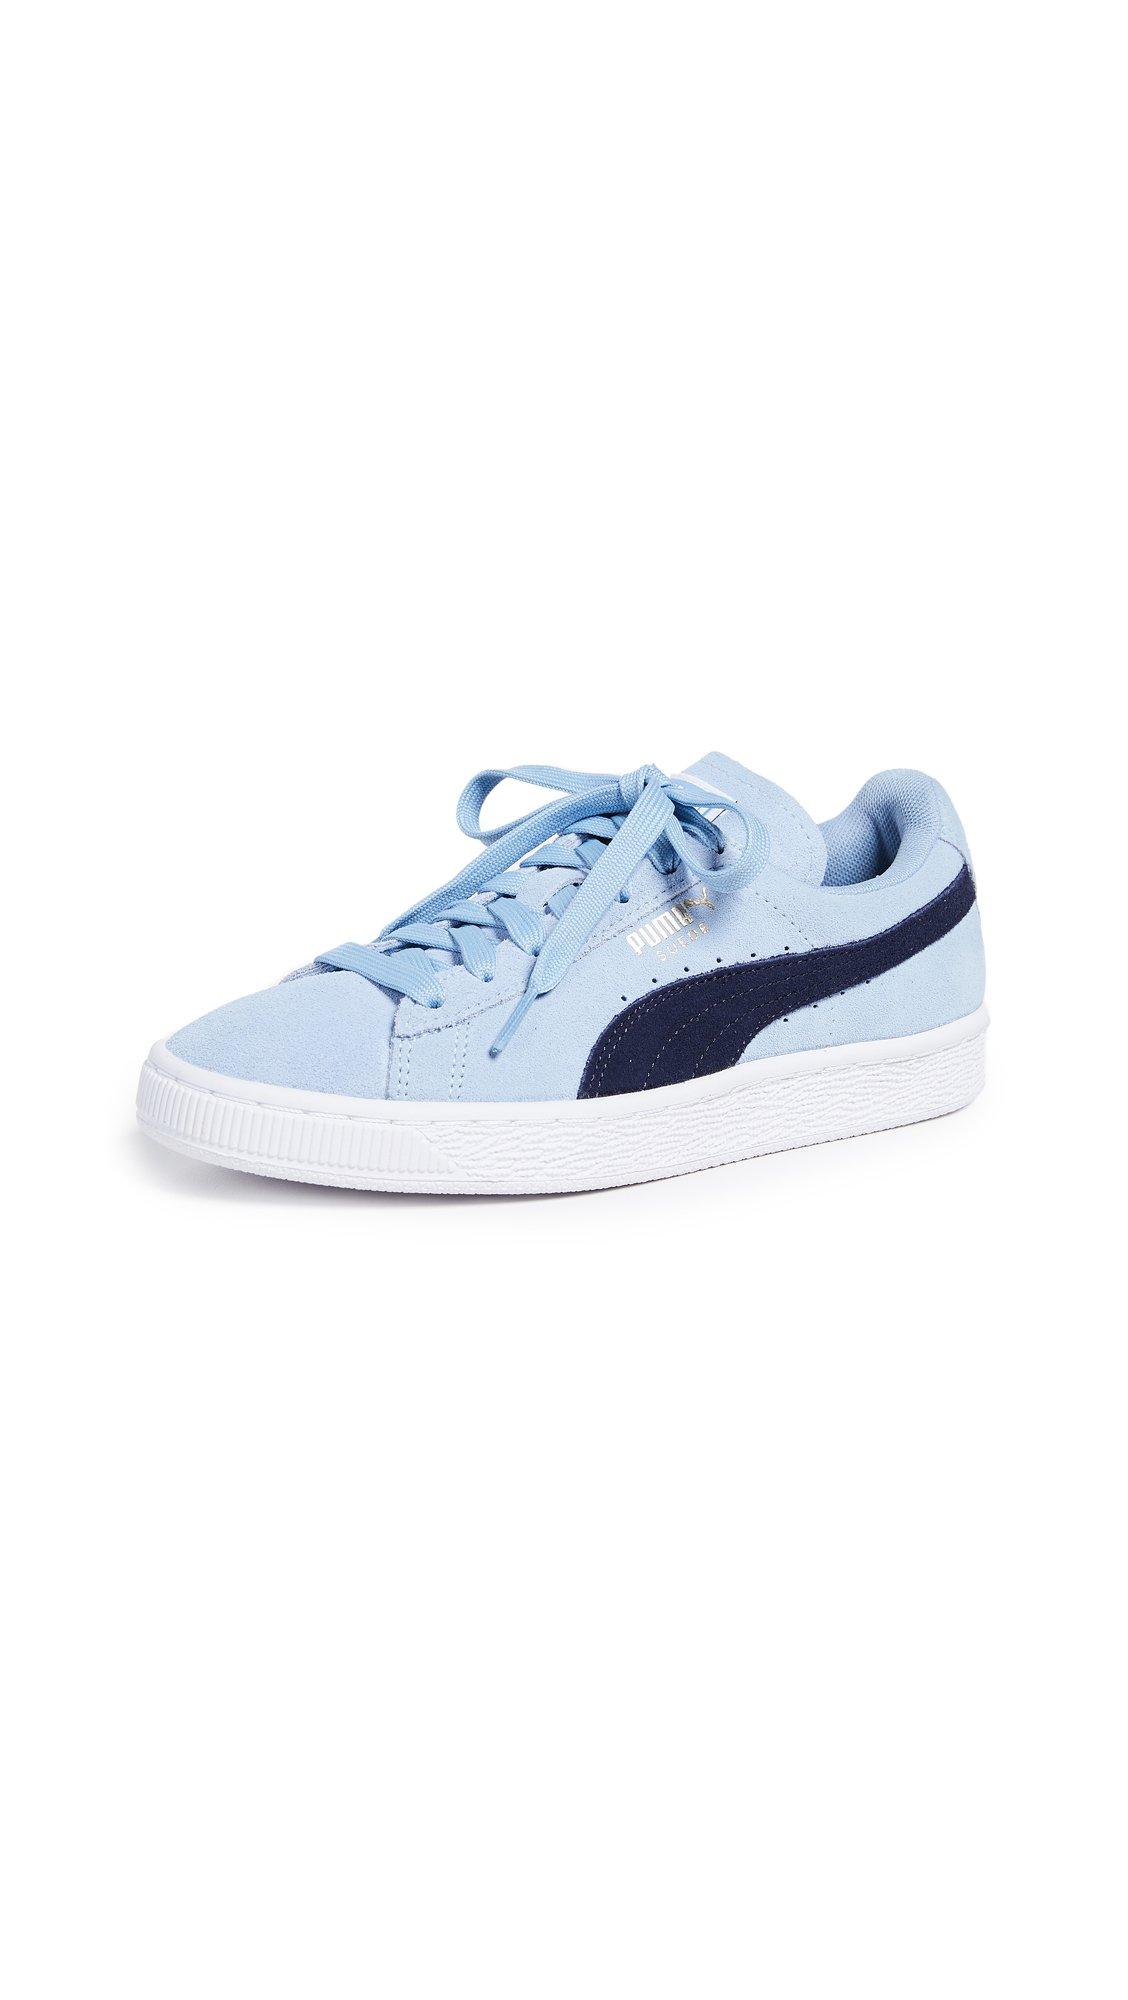 PUMA Women's Suede Classic Sneaker, Cerulean-Peacoat, 10 M US